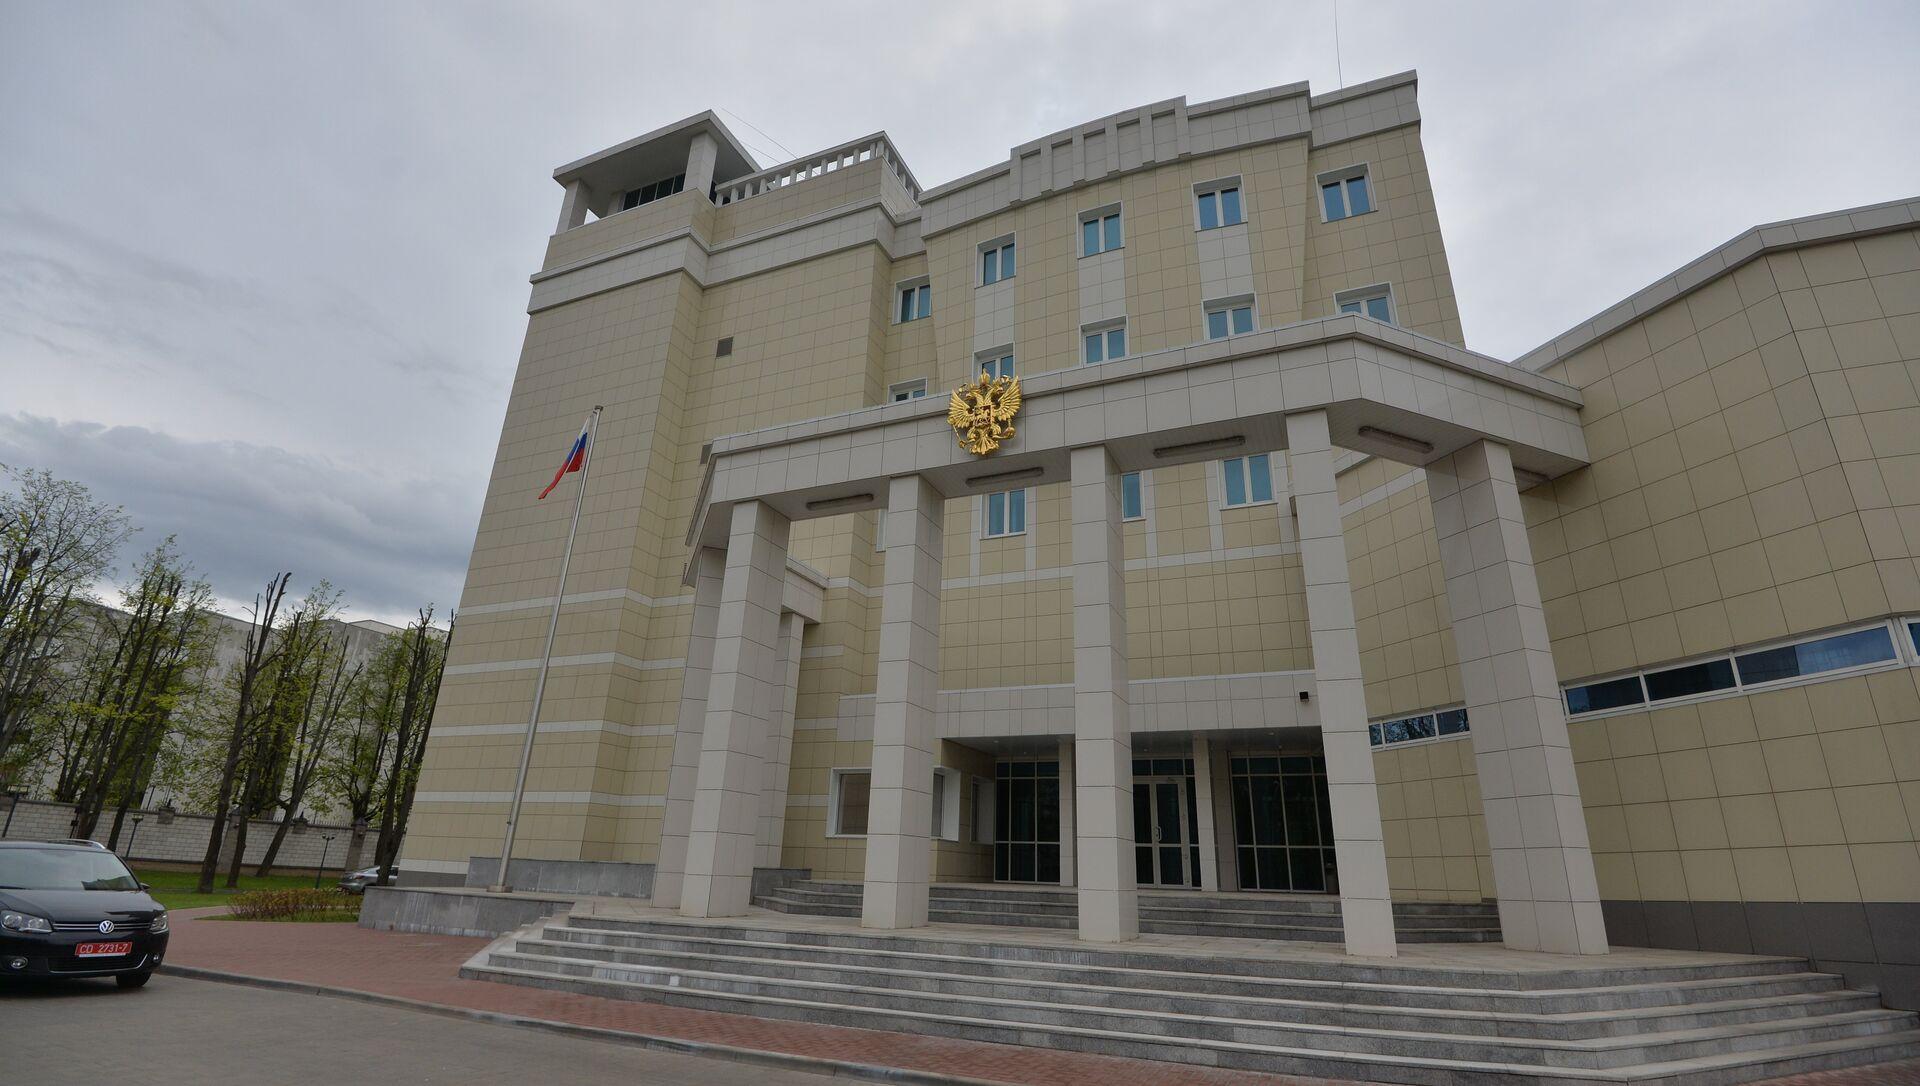 Пасольства РФ у Рэспубліцы Беларусь - Sputnik Беларусь, 1920, 24.02.2021